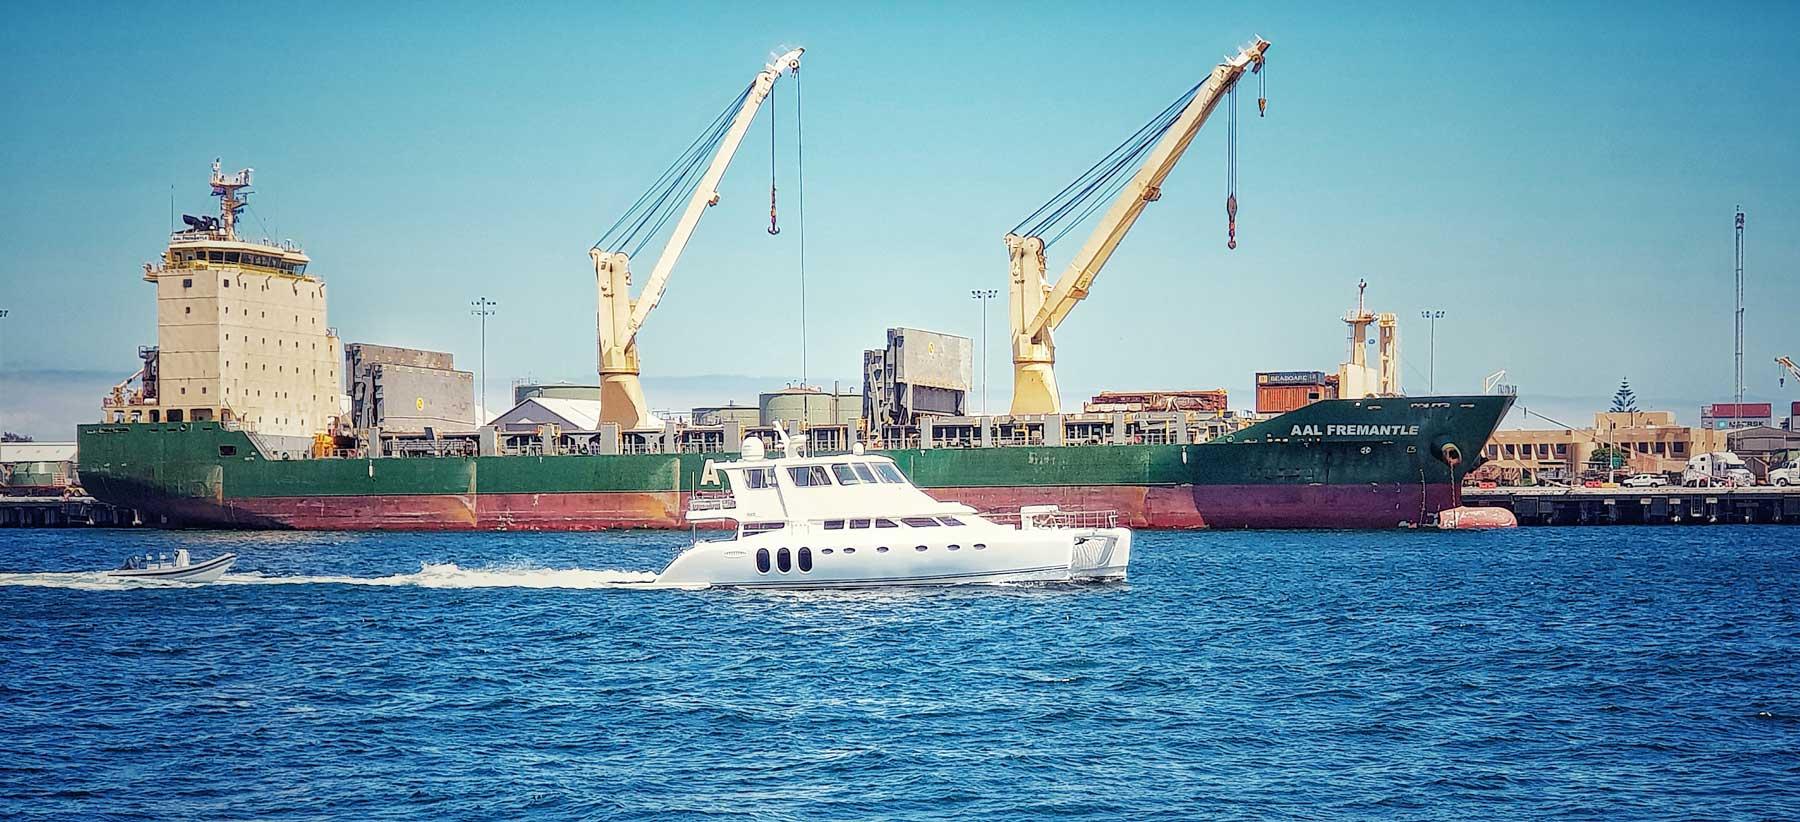 aal-fremantle-ship